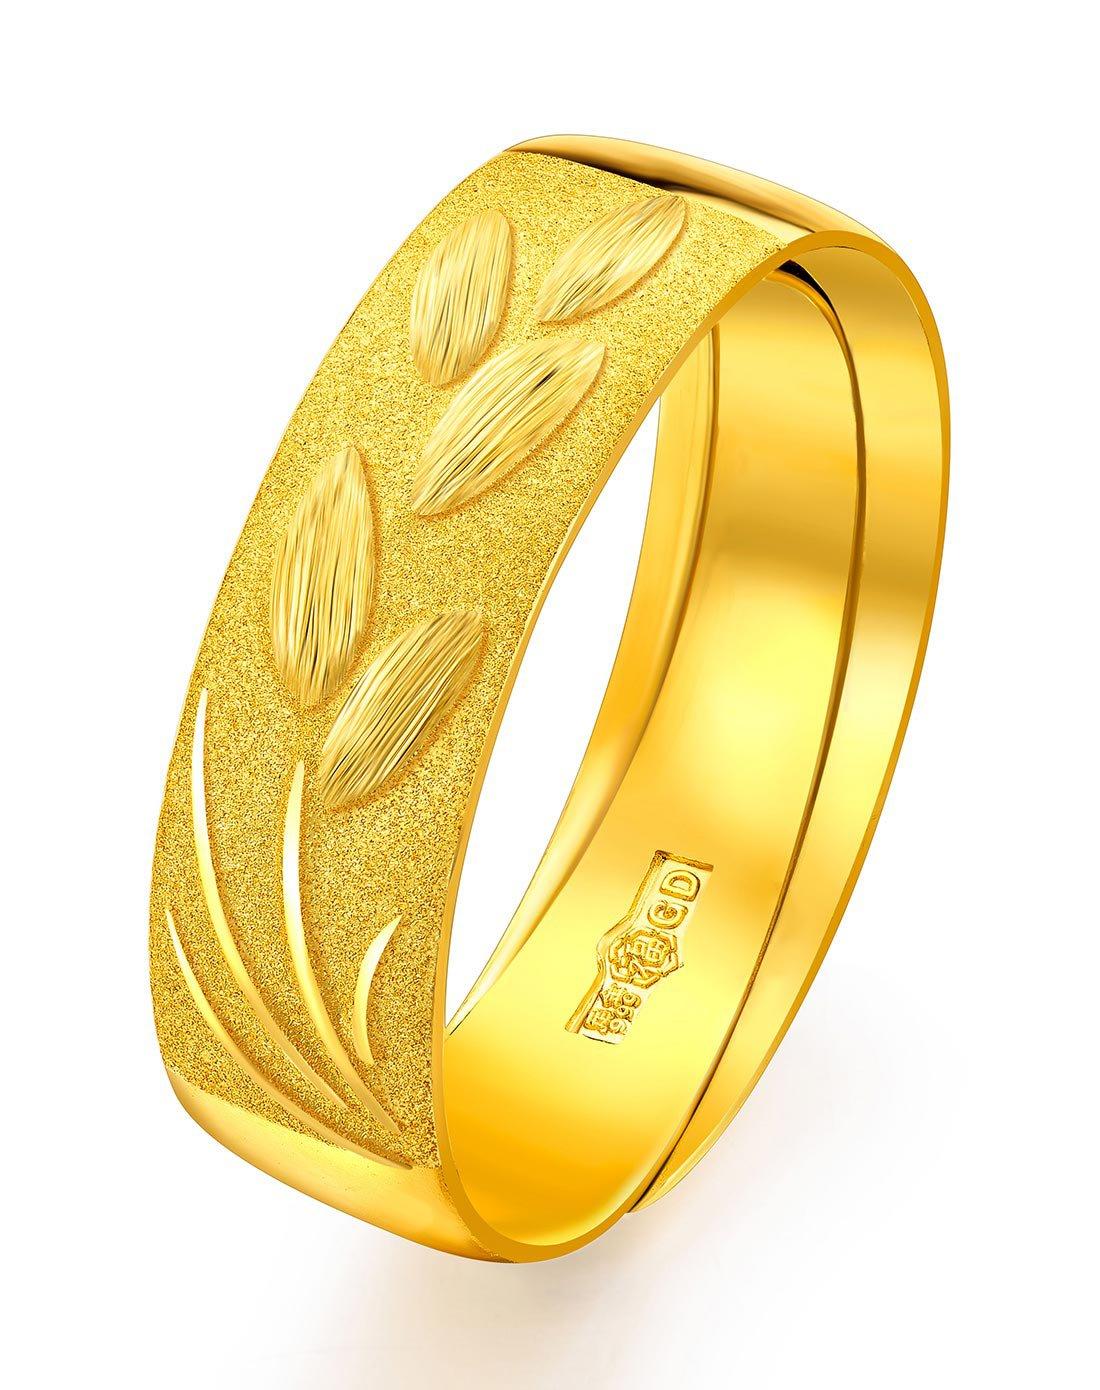 六福珠宝六福珠宝 岁岁平安麦穗足金指环戒指(计价)GDGTBR0016